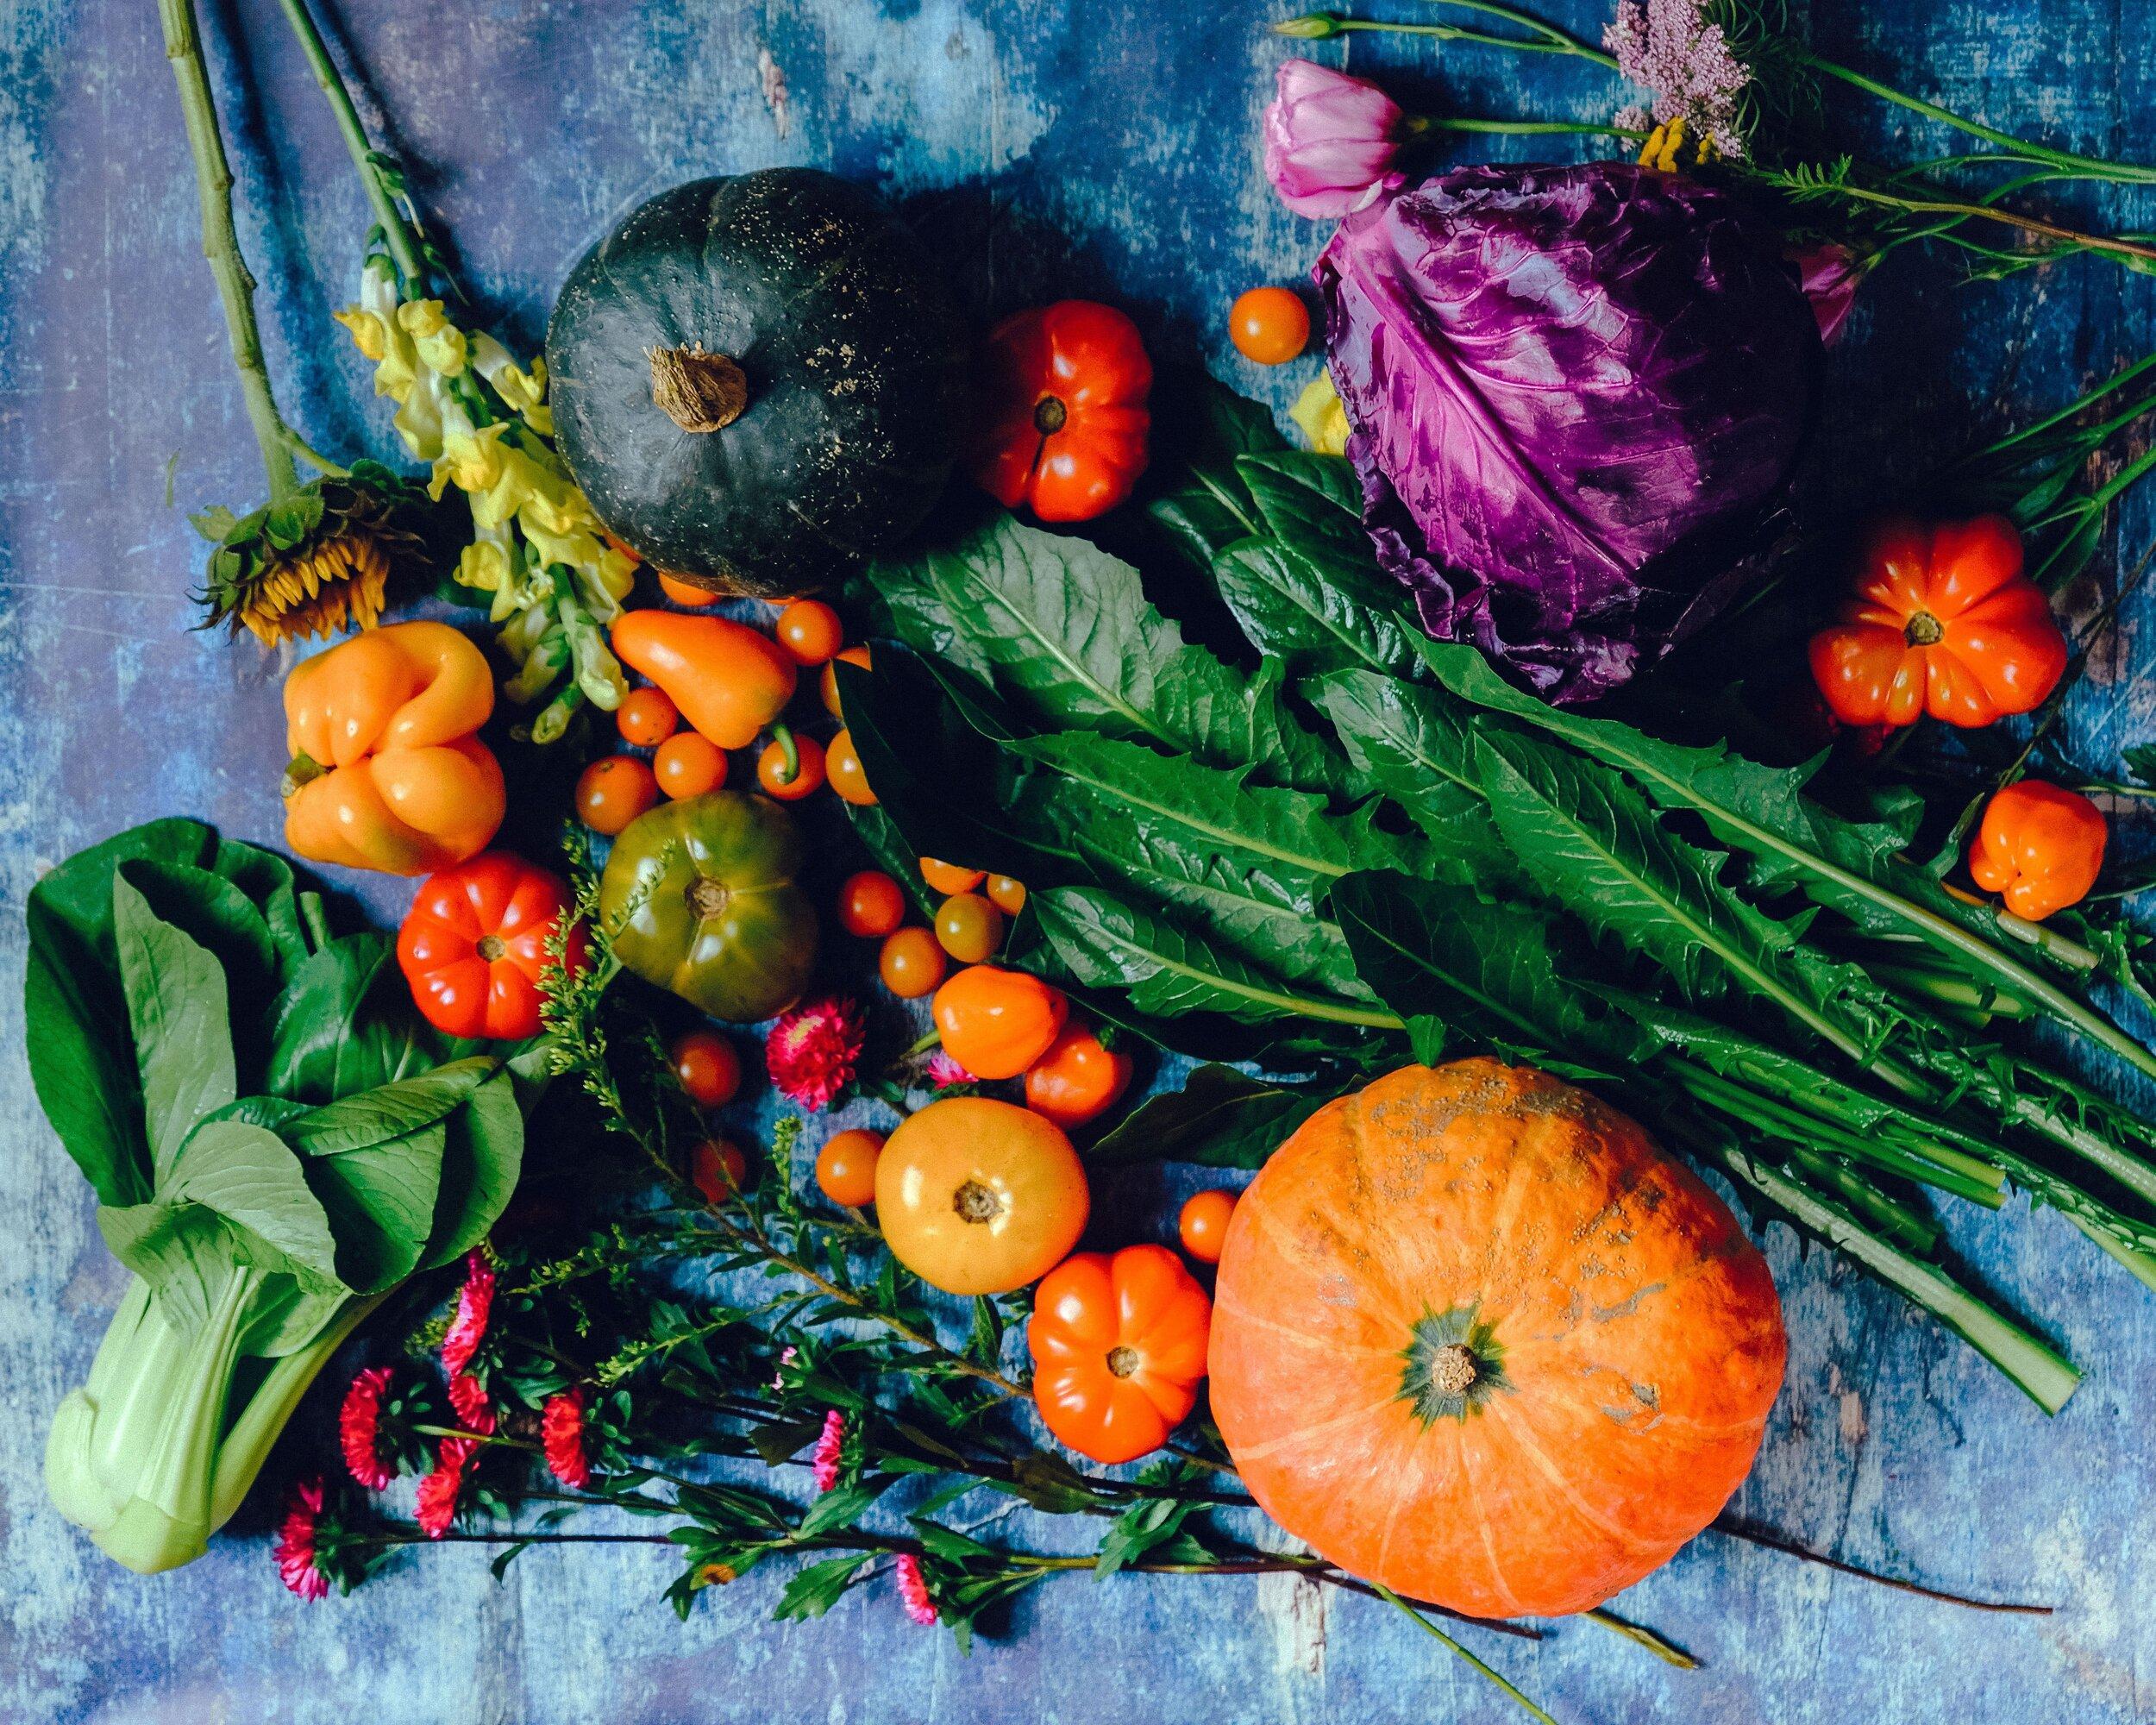 assortment-cabbage-cherry-tomatoes-1458694.jpg